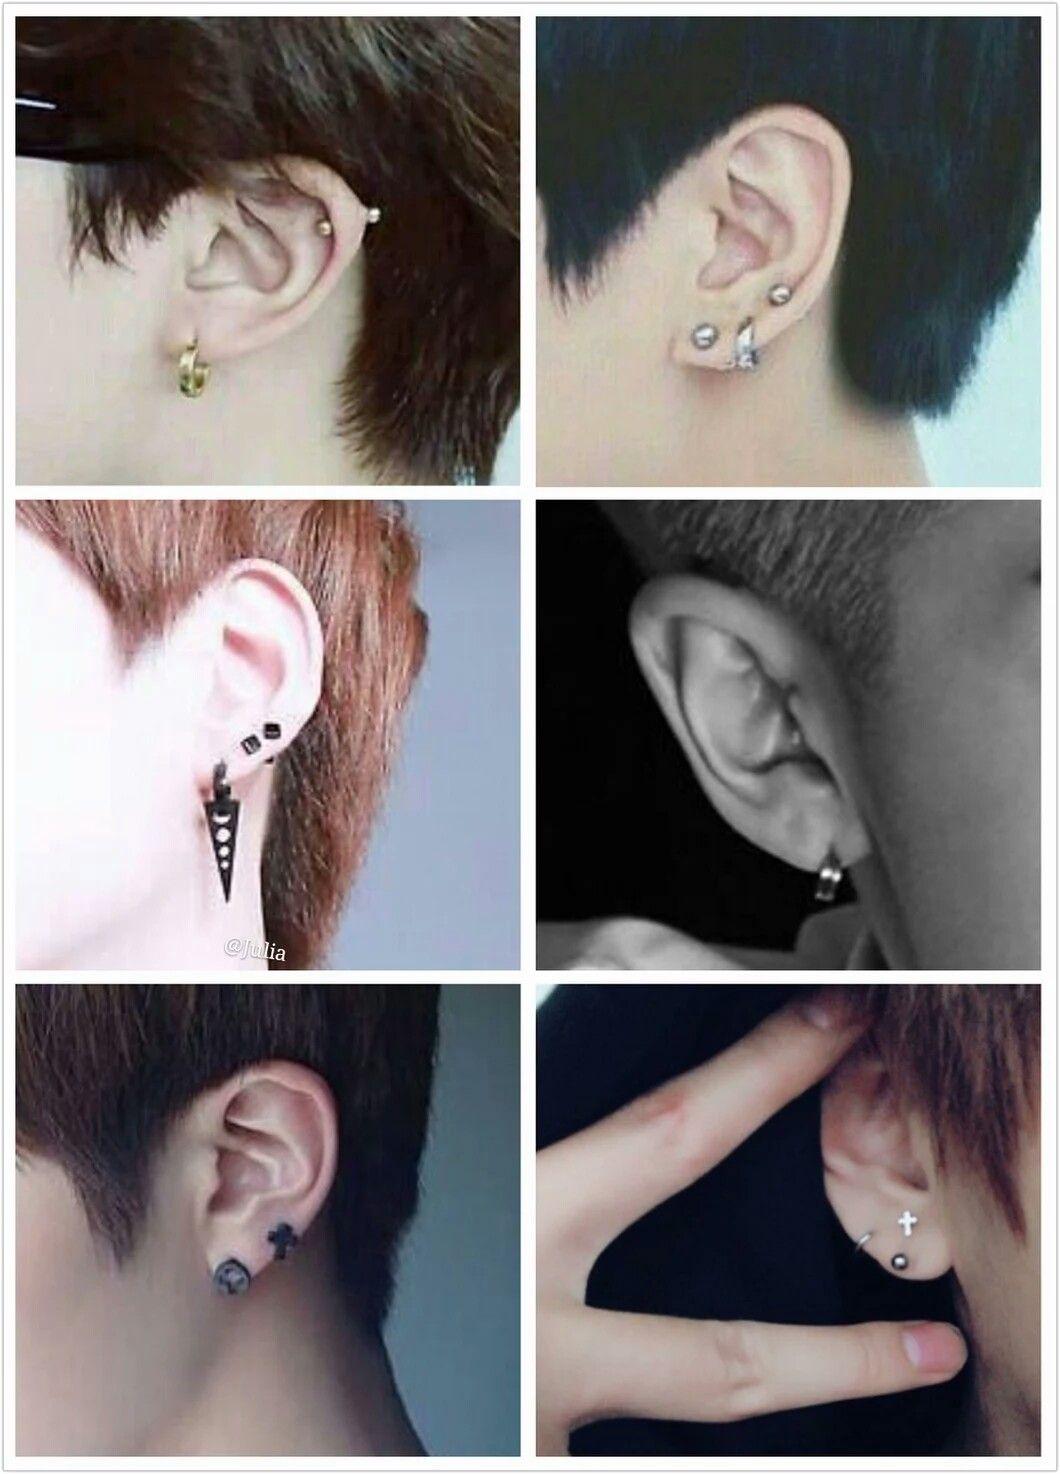 Bts Ear Piercings J Hope S A Man He Doesn T Have Any Brincos Ideias Para Piercings Piercings